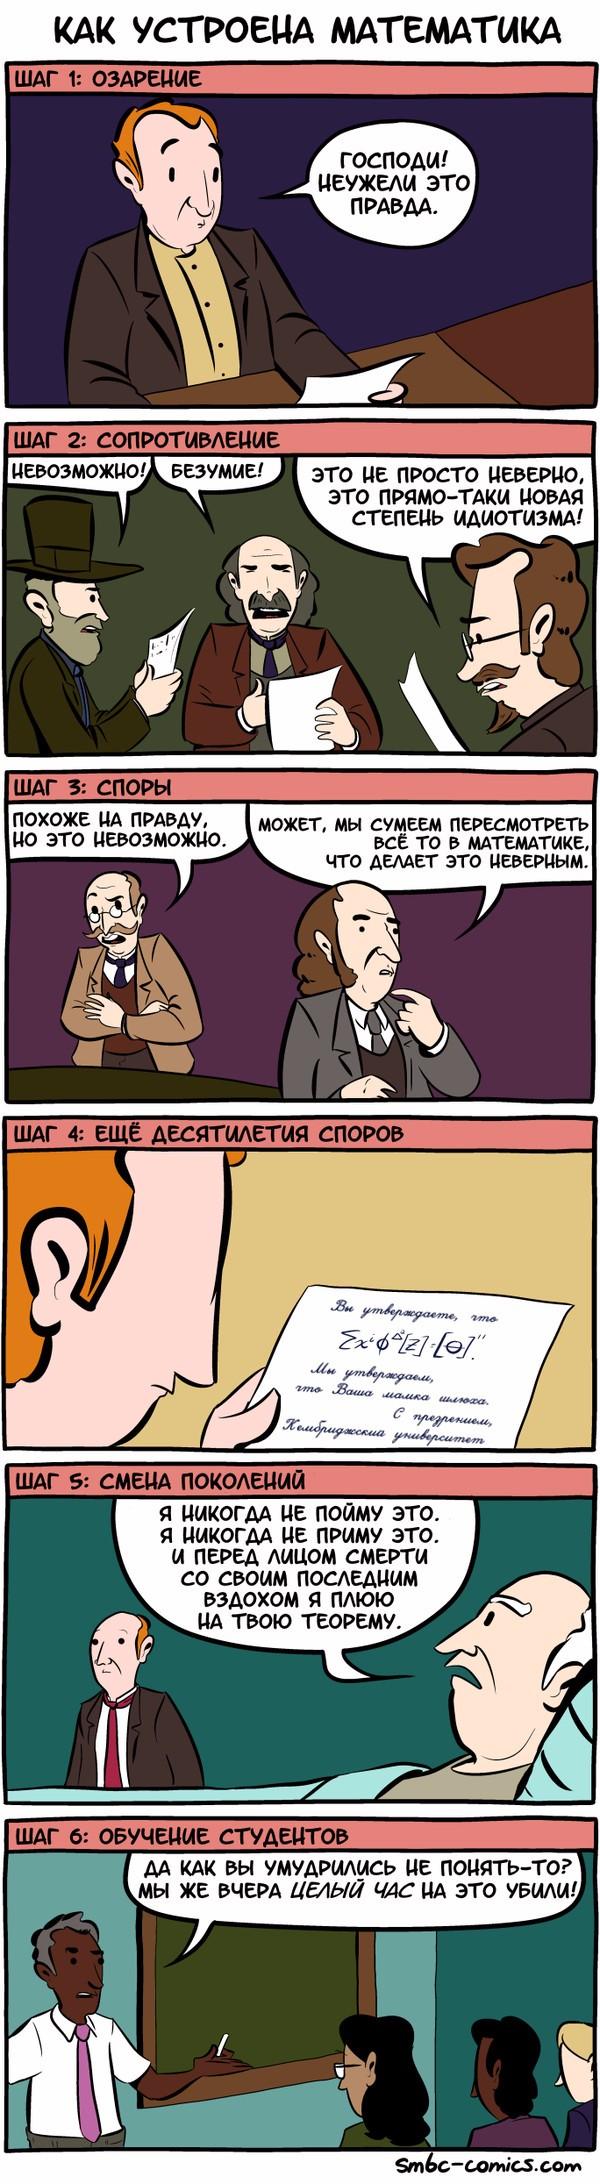 Как устроена математика